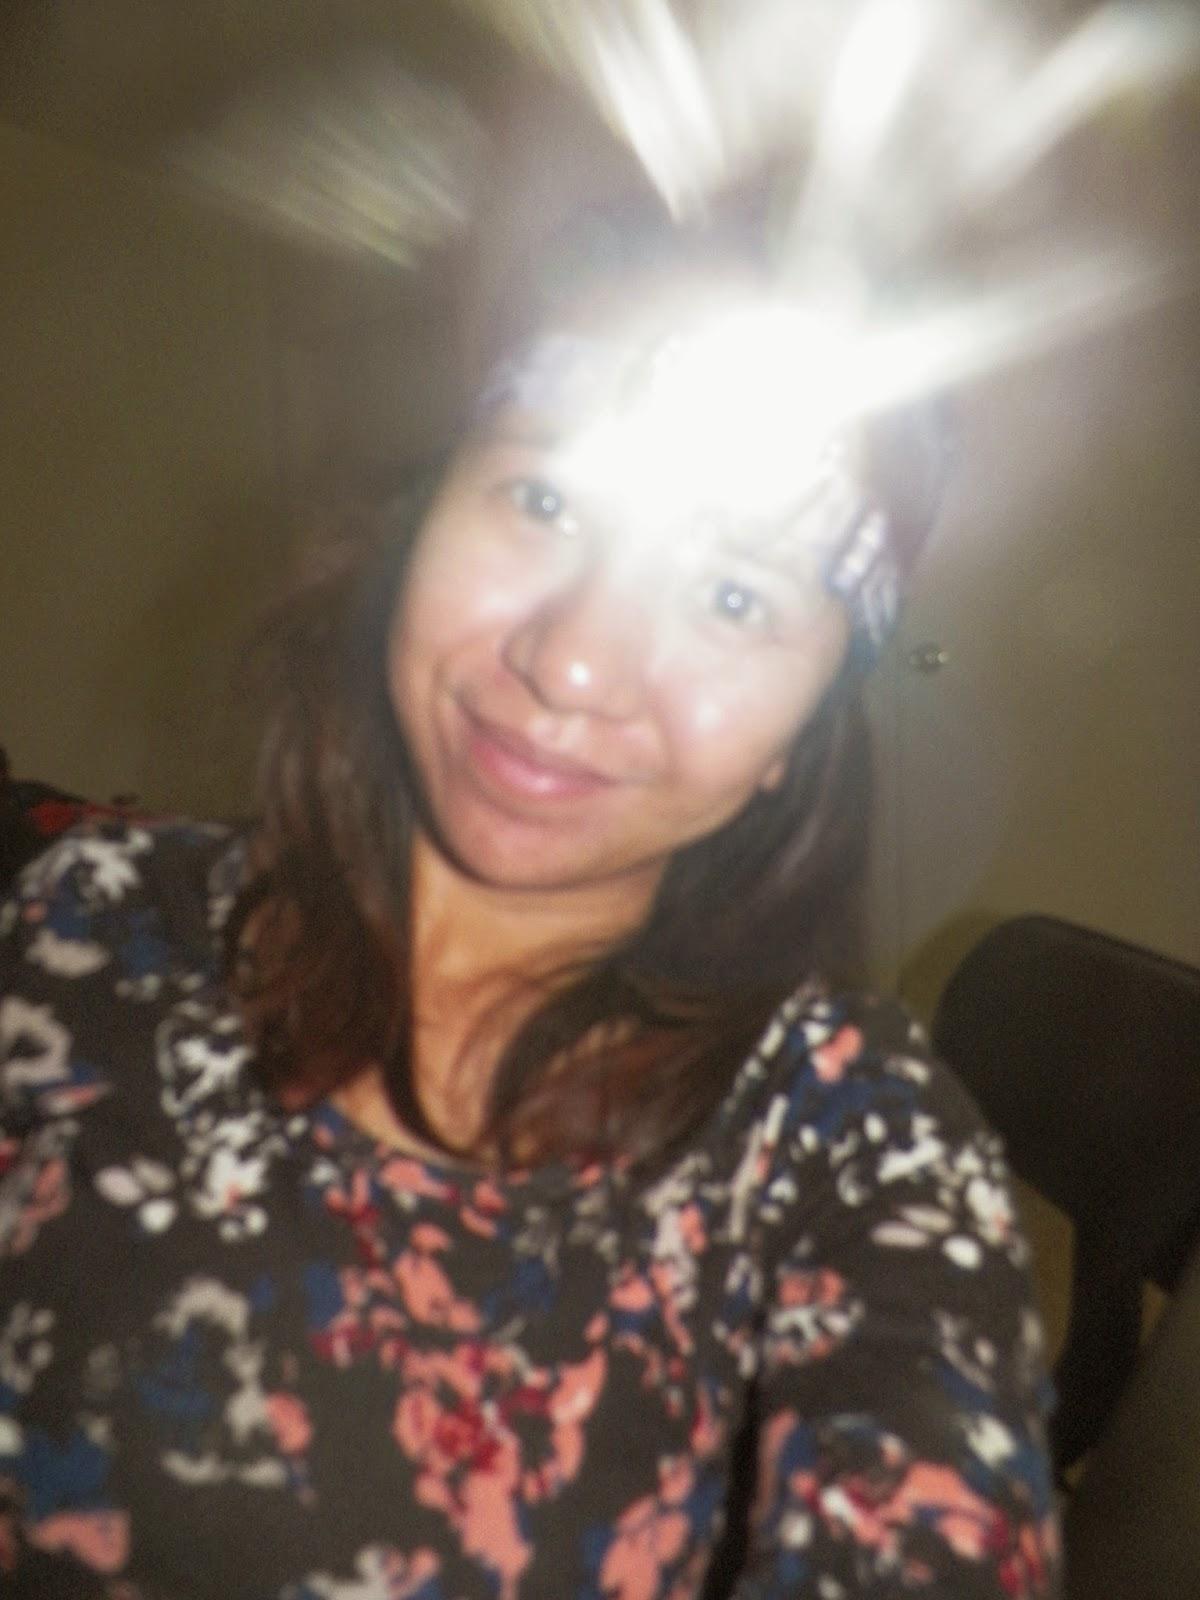 Divine_LED_HEadlight.jpg